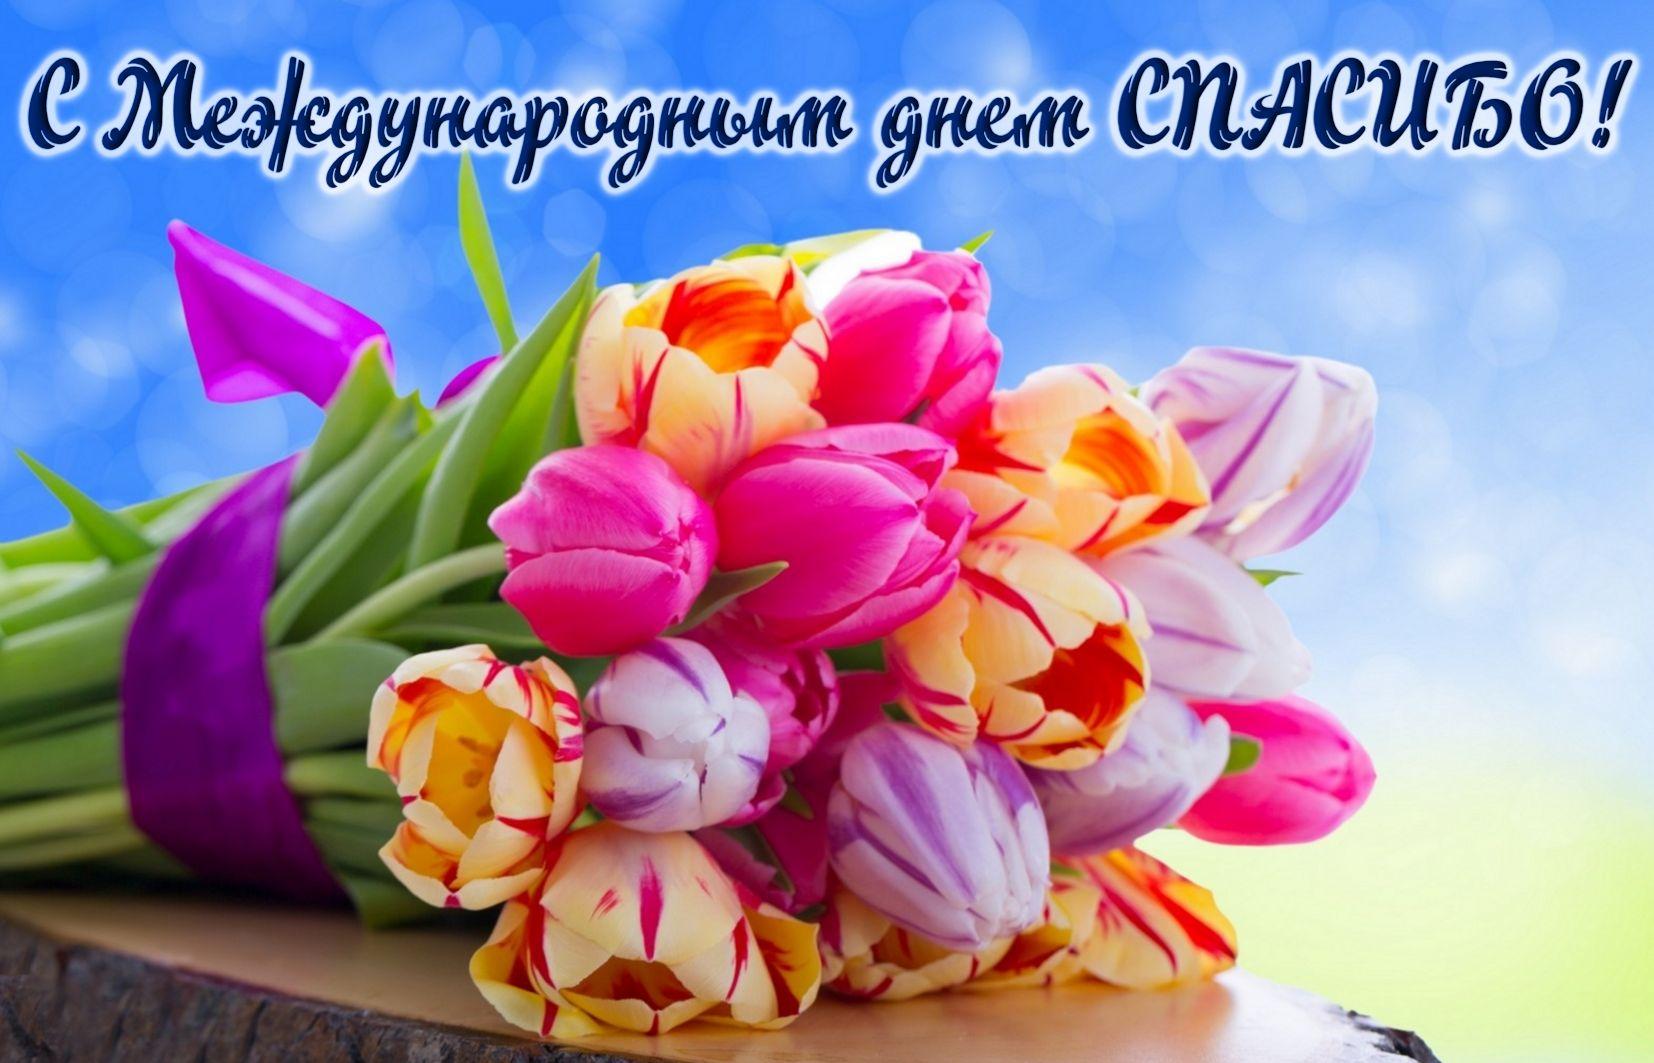 Открытка на День спасибо - букет разноцветных тюльпанов с ленточкой